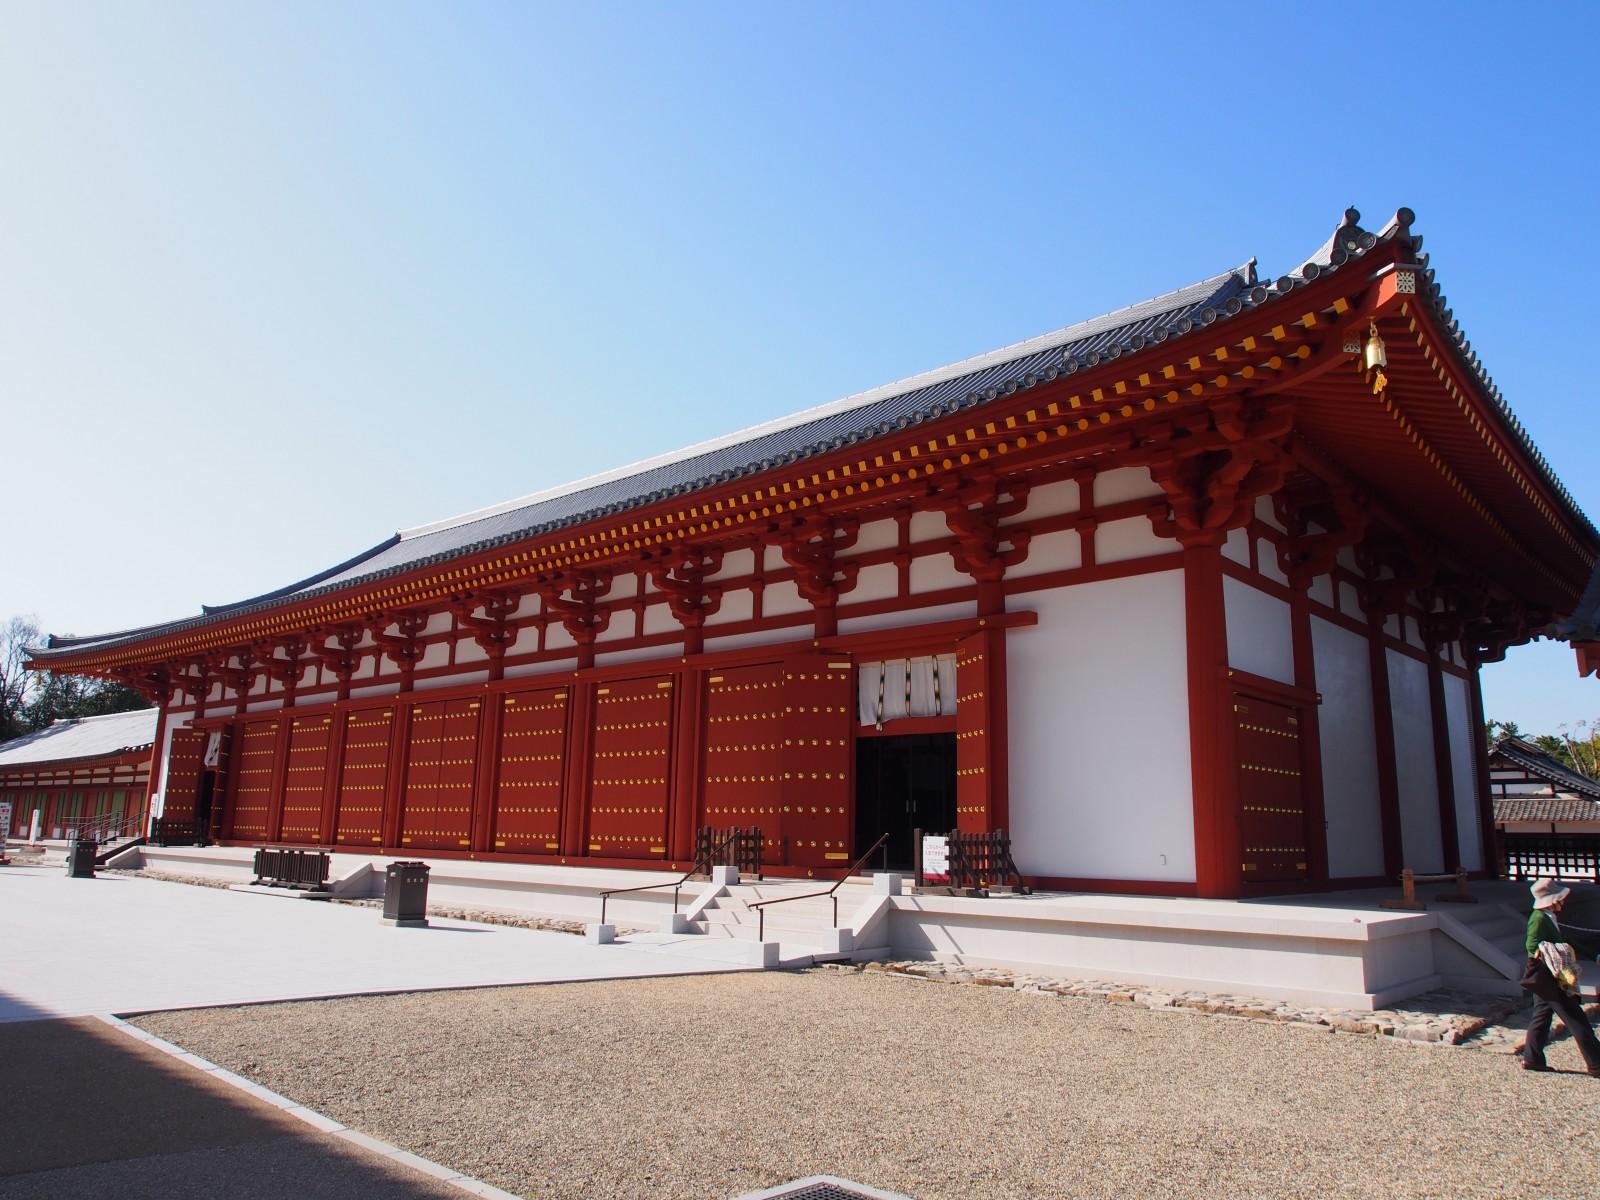 近年再建された薬師寺「食堂」